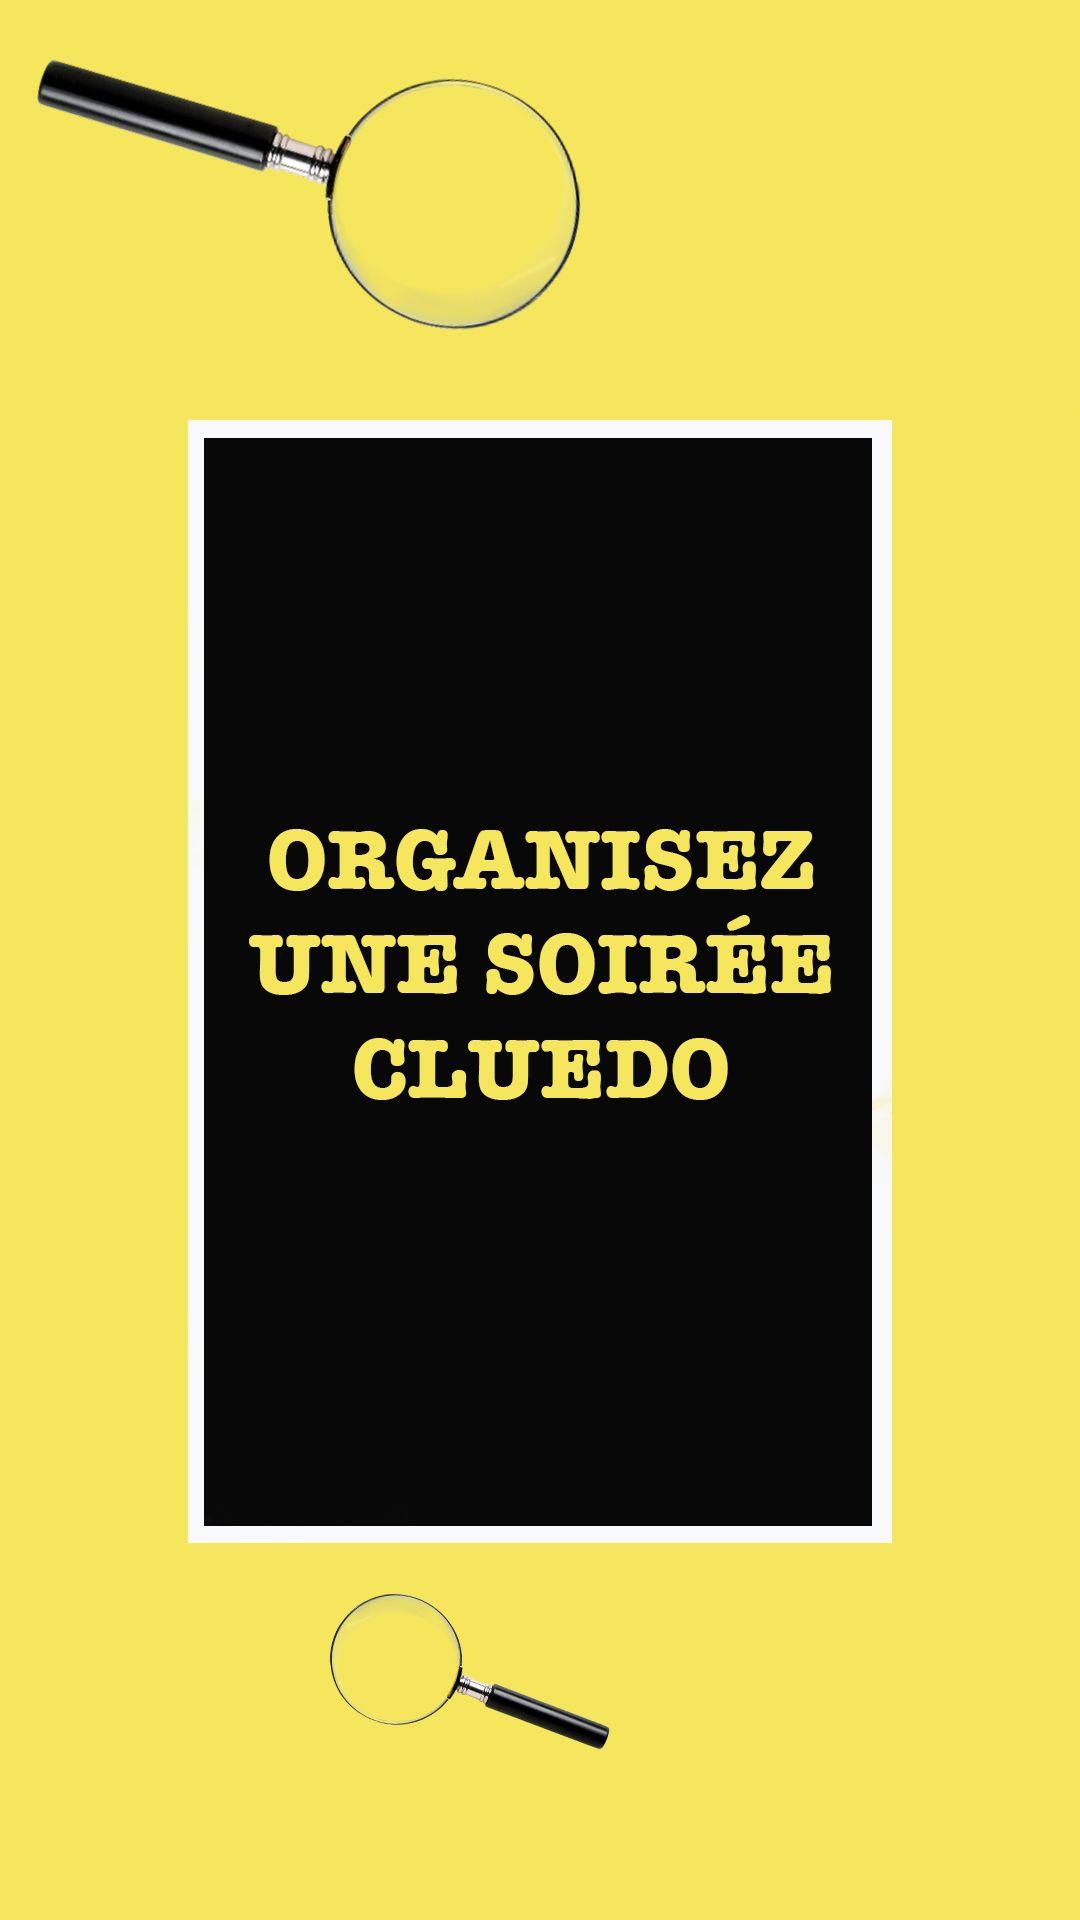 Cluedo Geant Organisez Une Enquete Au Coeur De Votre Salon Cluedo Geant Cluedo Enquete Policiere